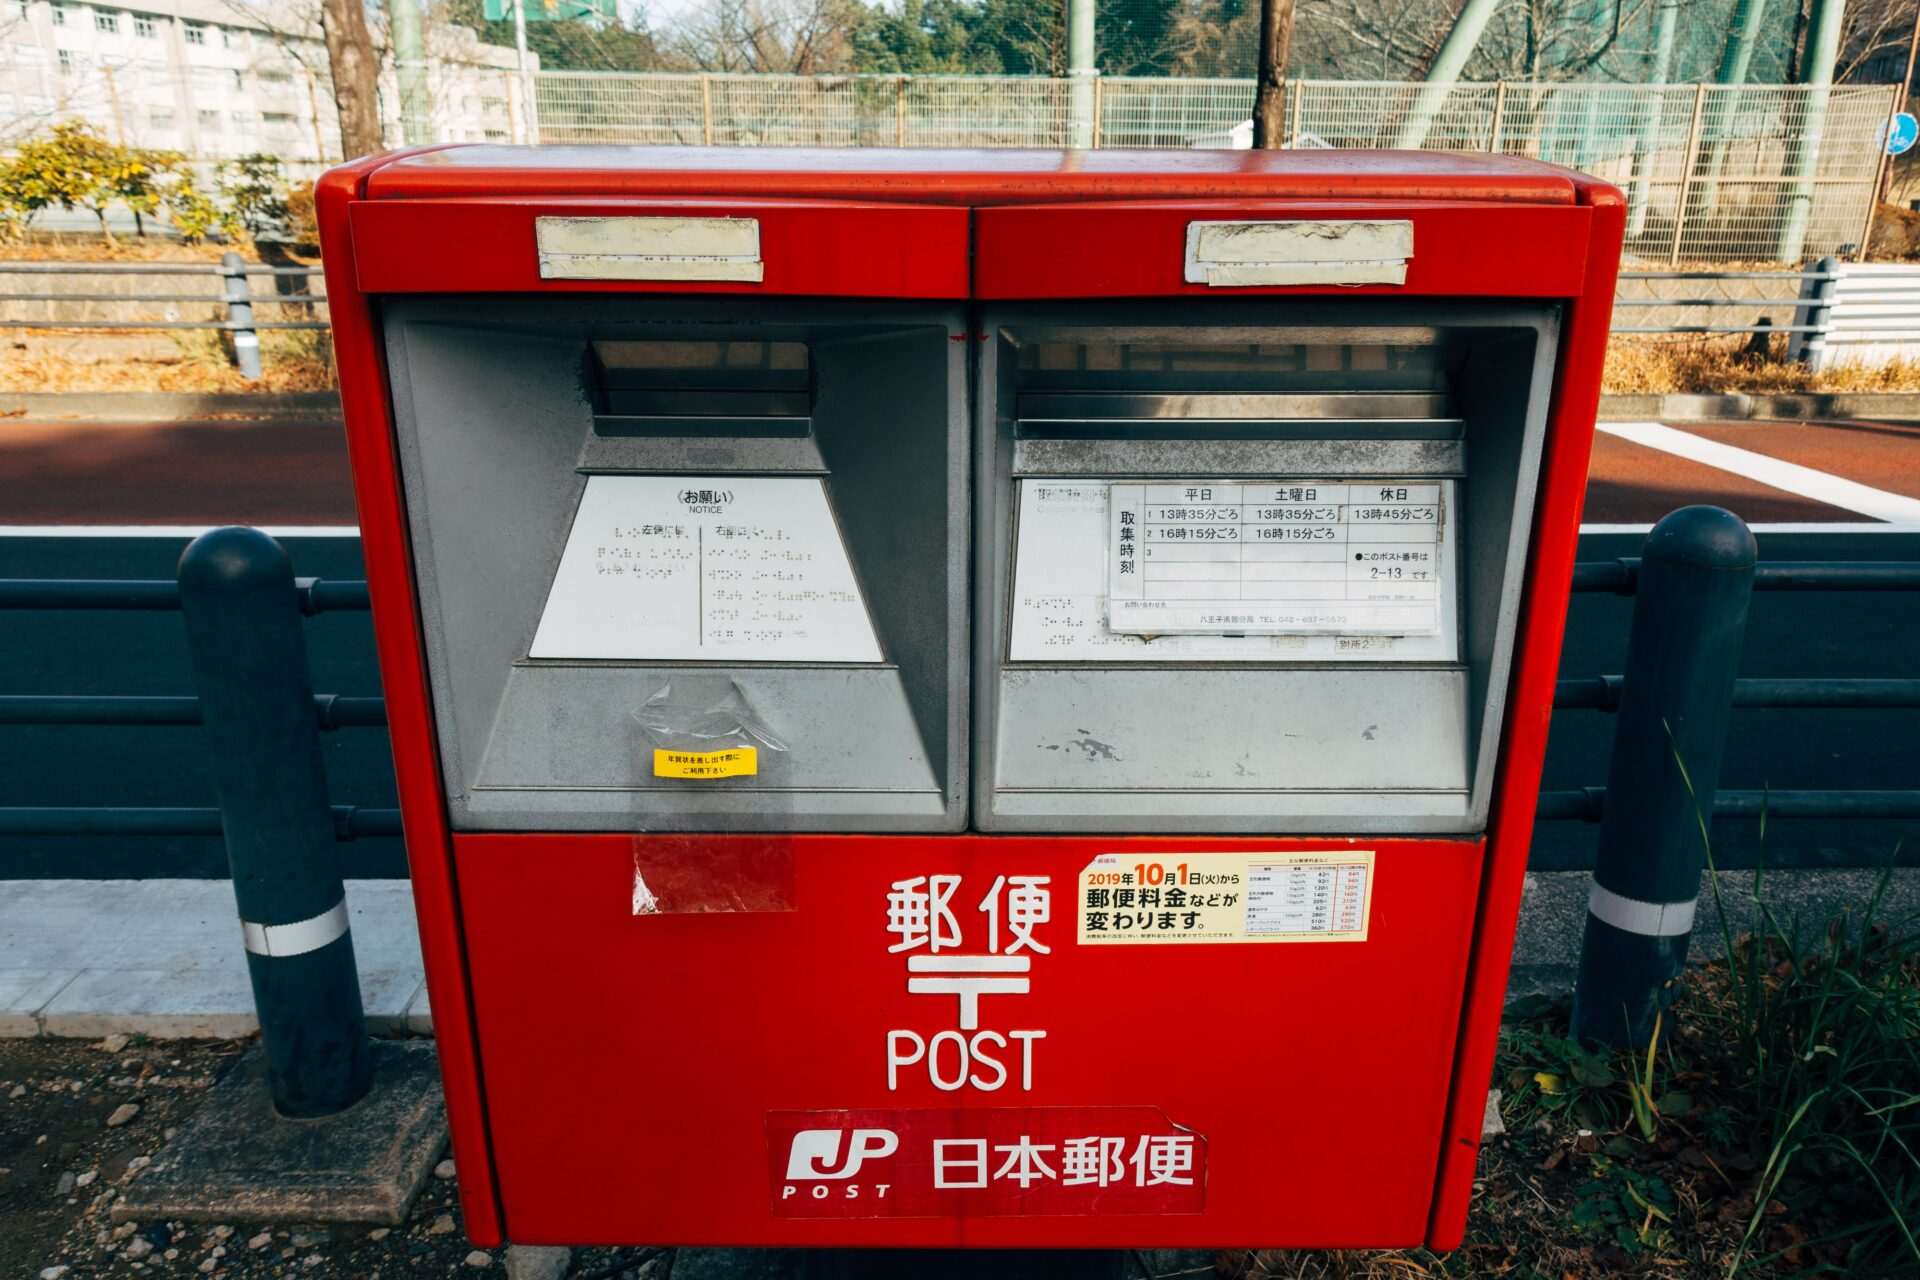 「ゆうパケットポスト」ってどんなサービス?どんな商品を発送する際に適している?